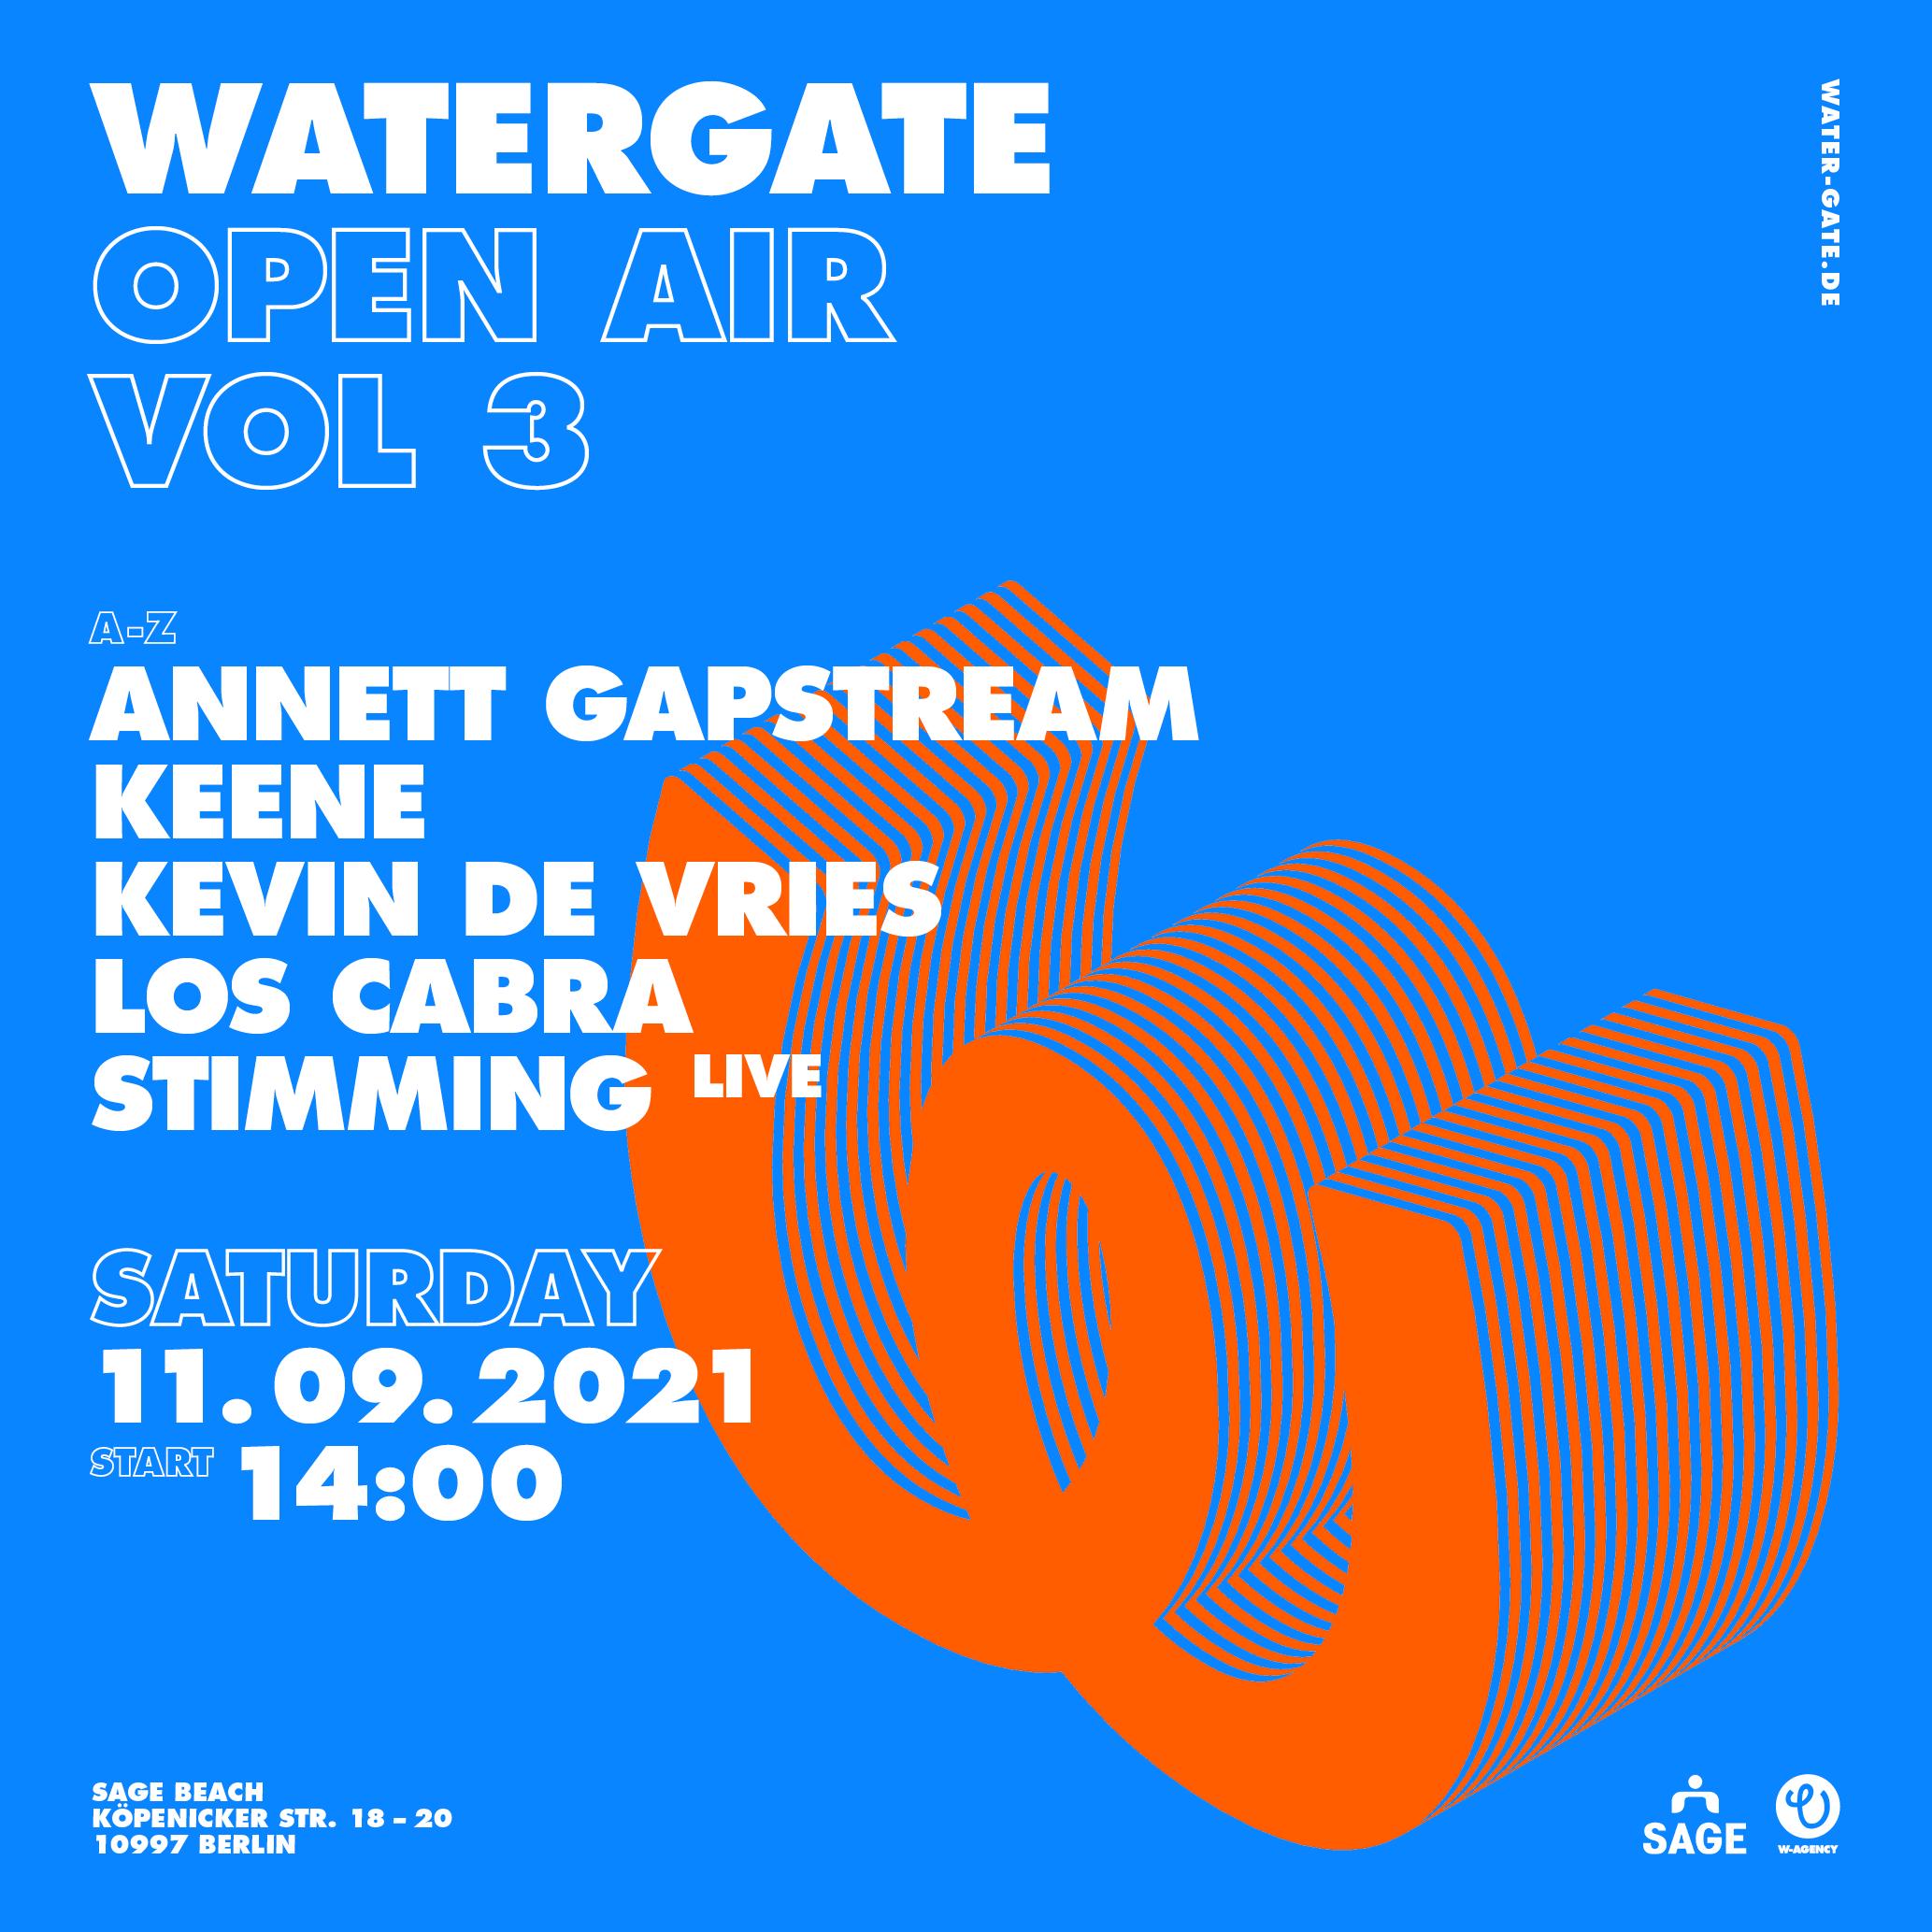 Watergate Open Air  Vol. 03